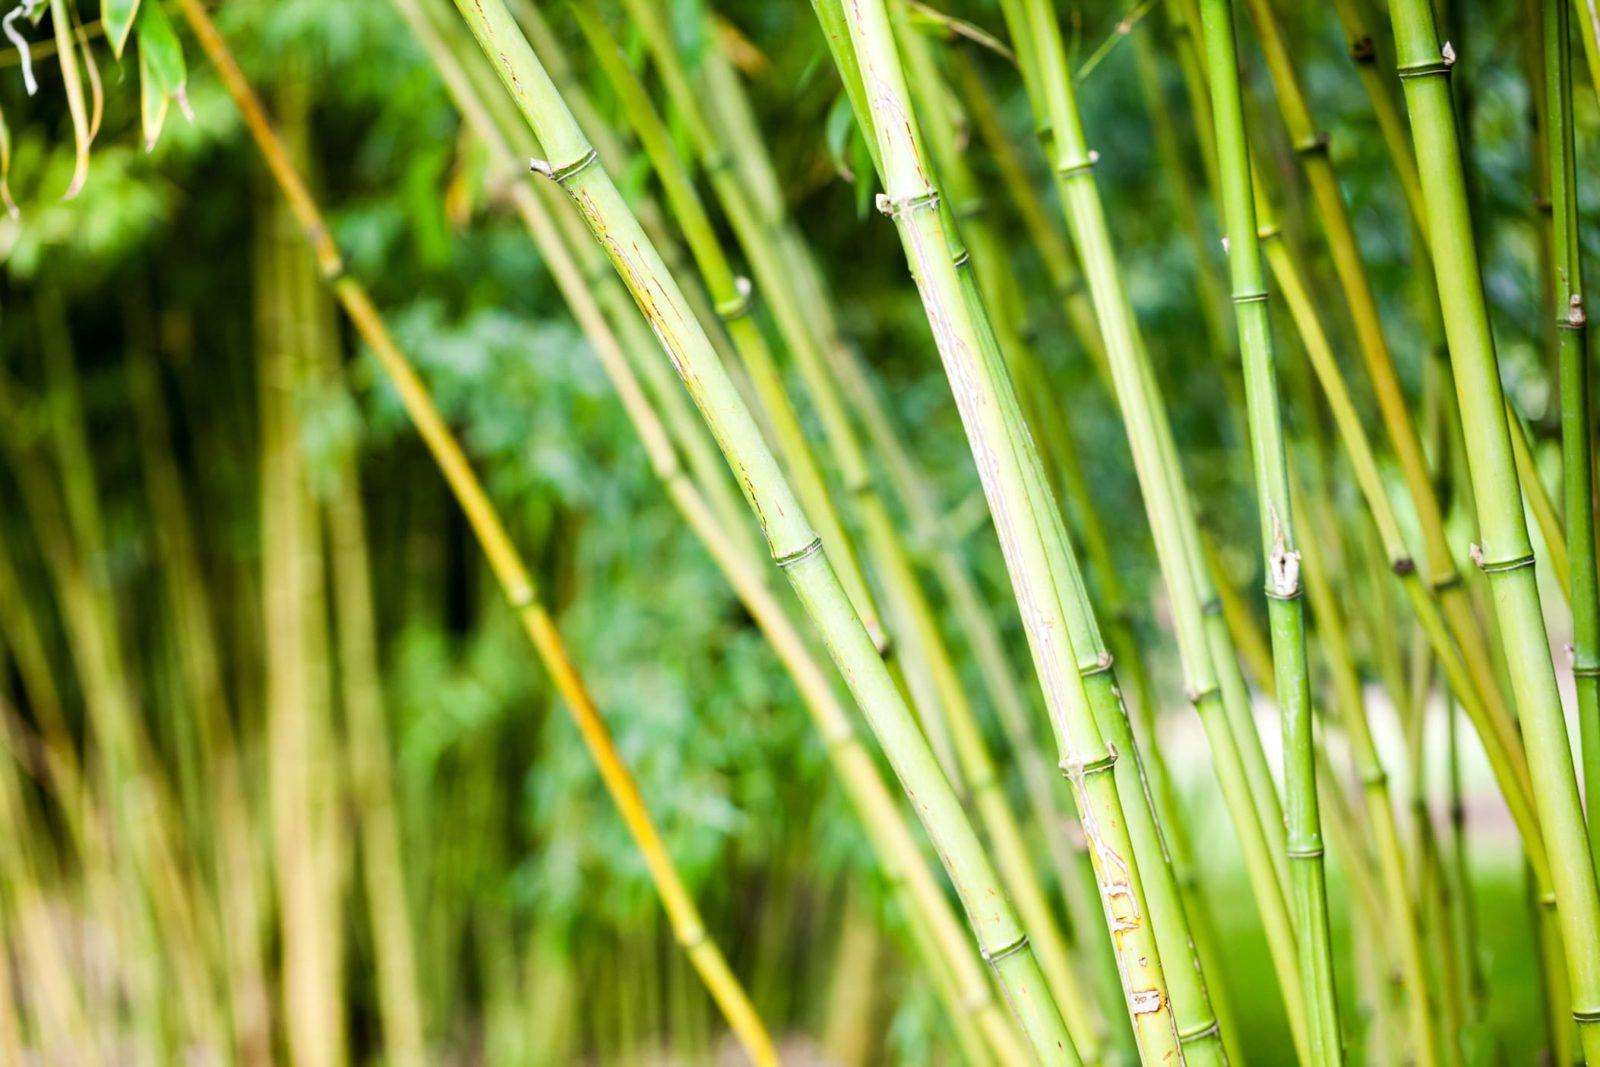 bamboo in a London garden